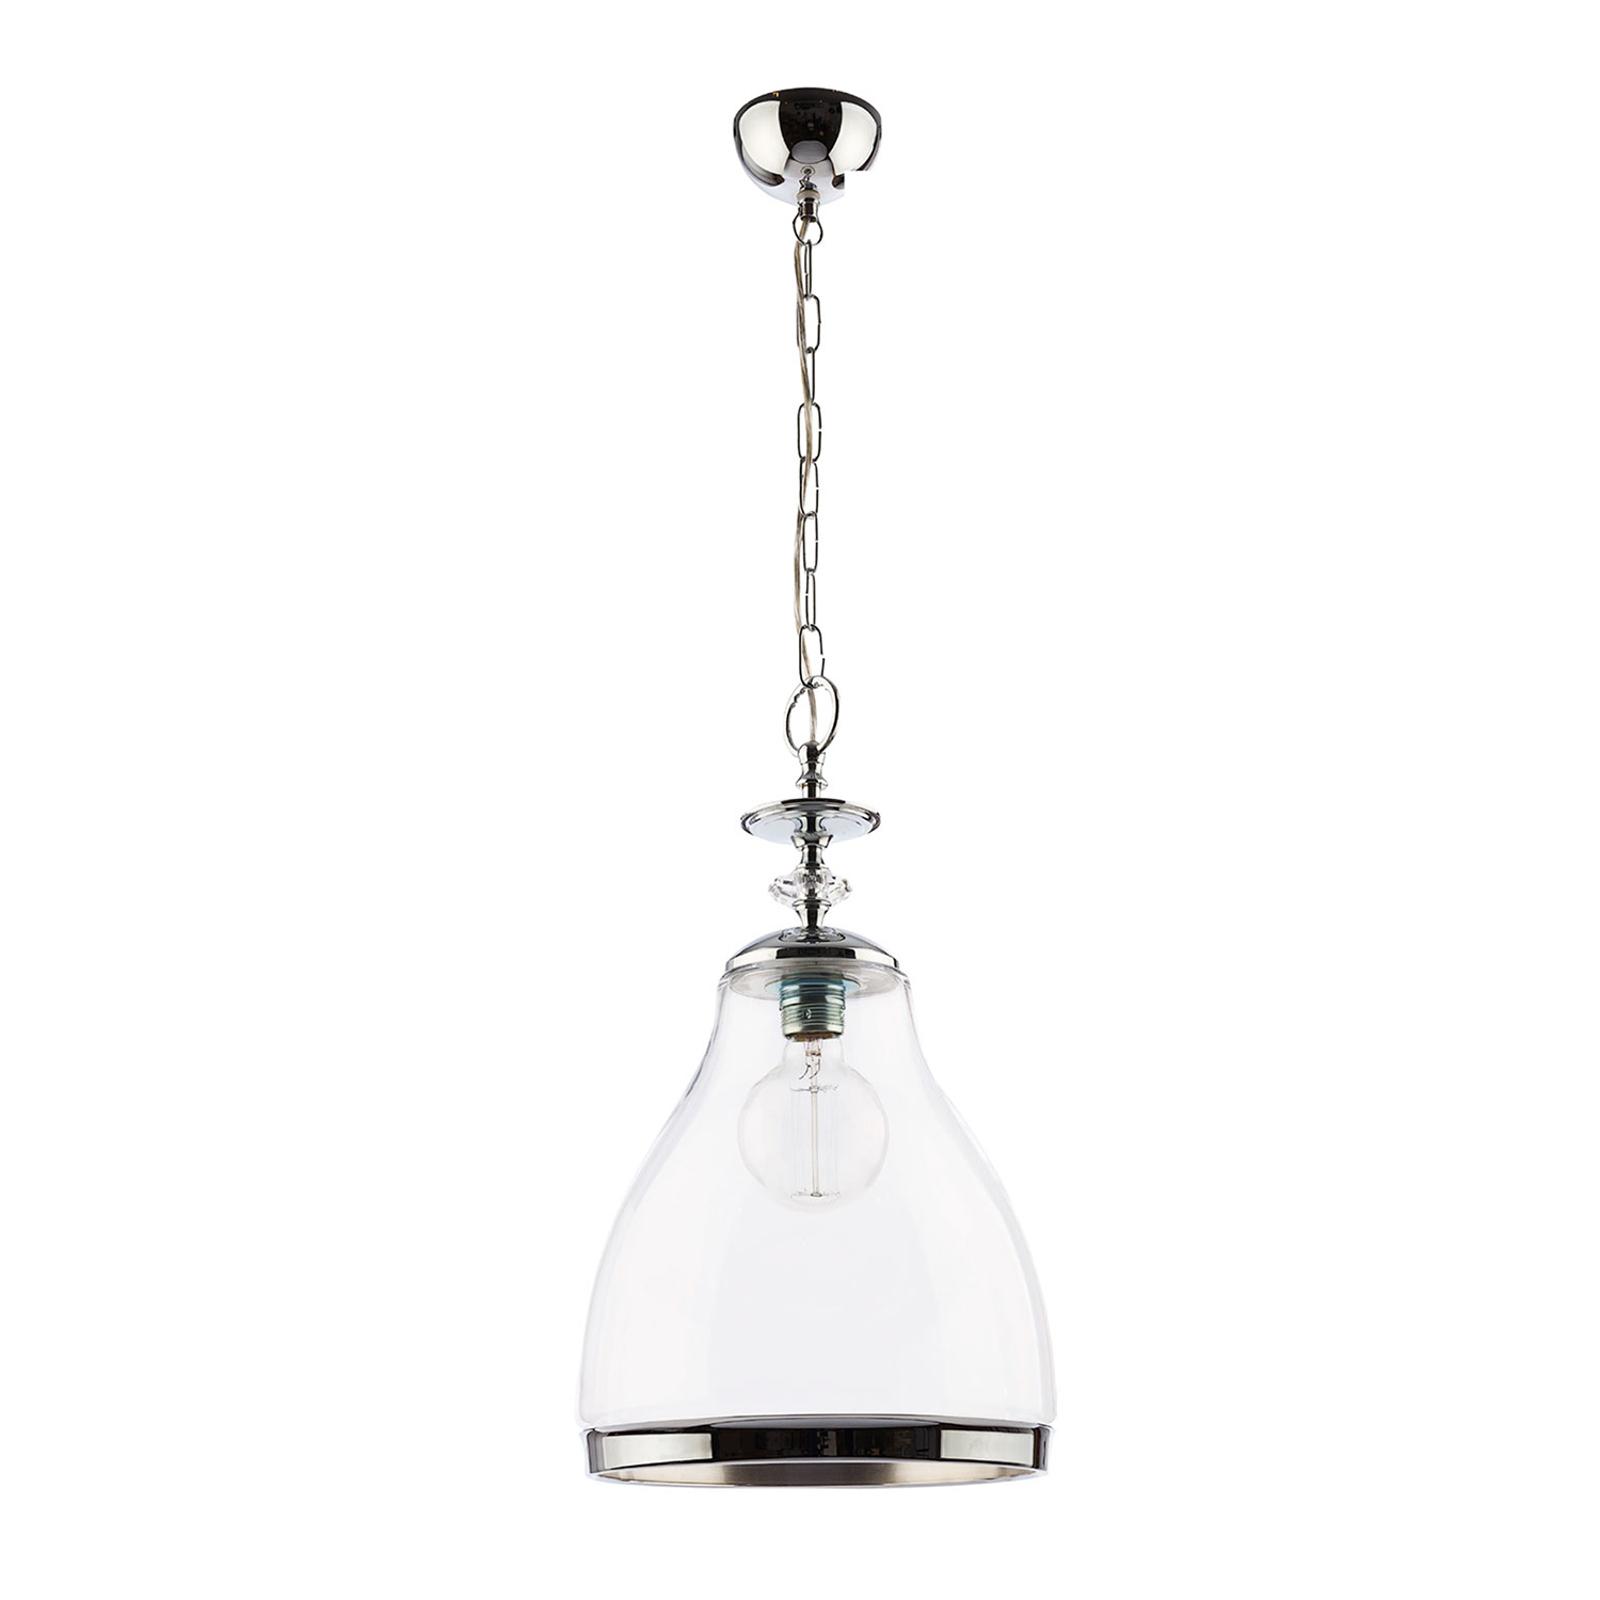 Lampa wisząca Hour, chrom, z przezroczystym szkłem